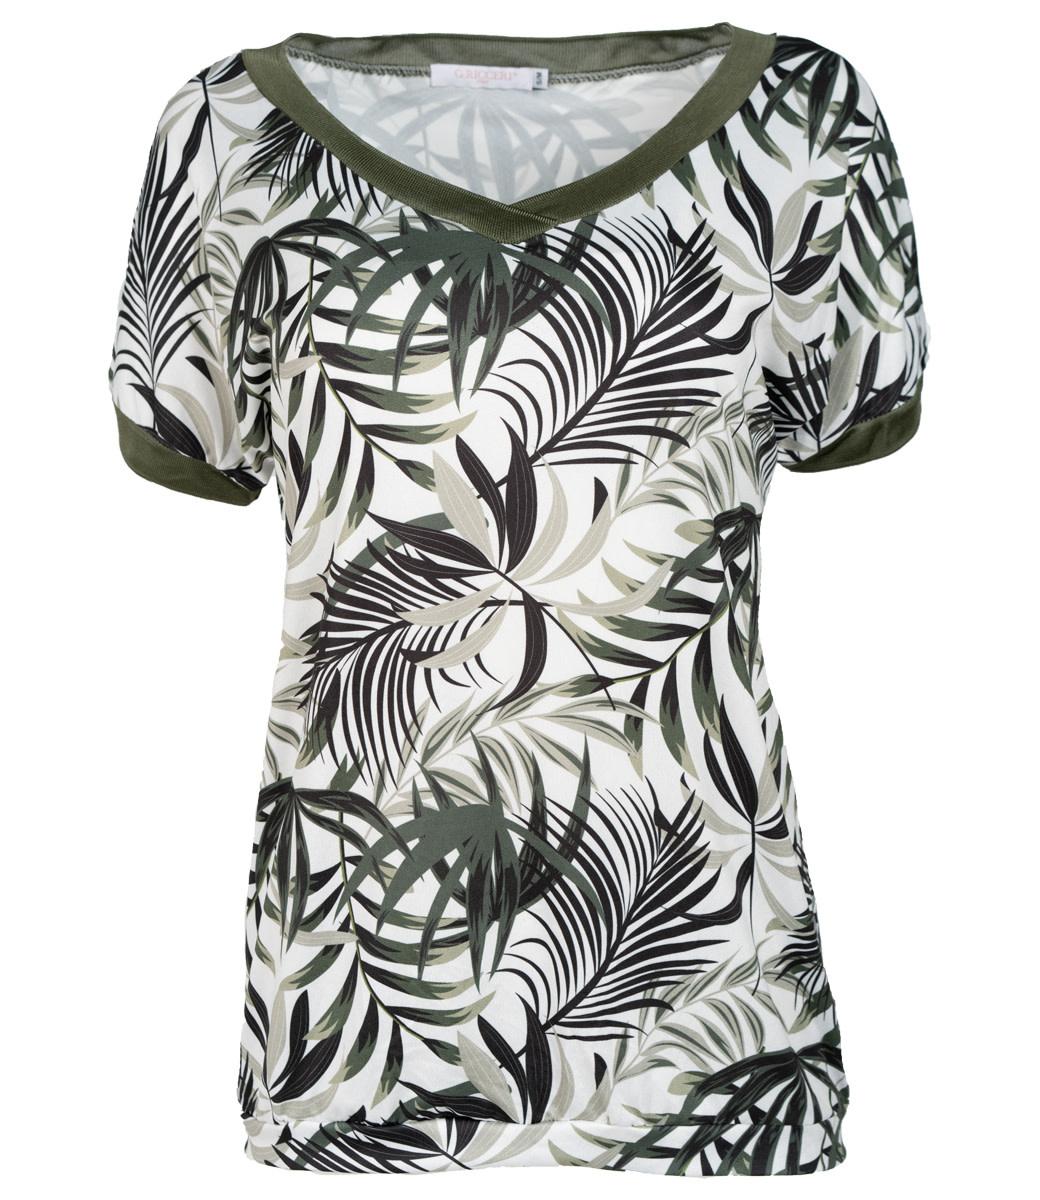 Gemma Ricceri Shirt groen print Nancy